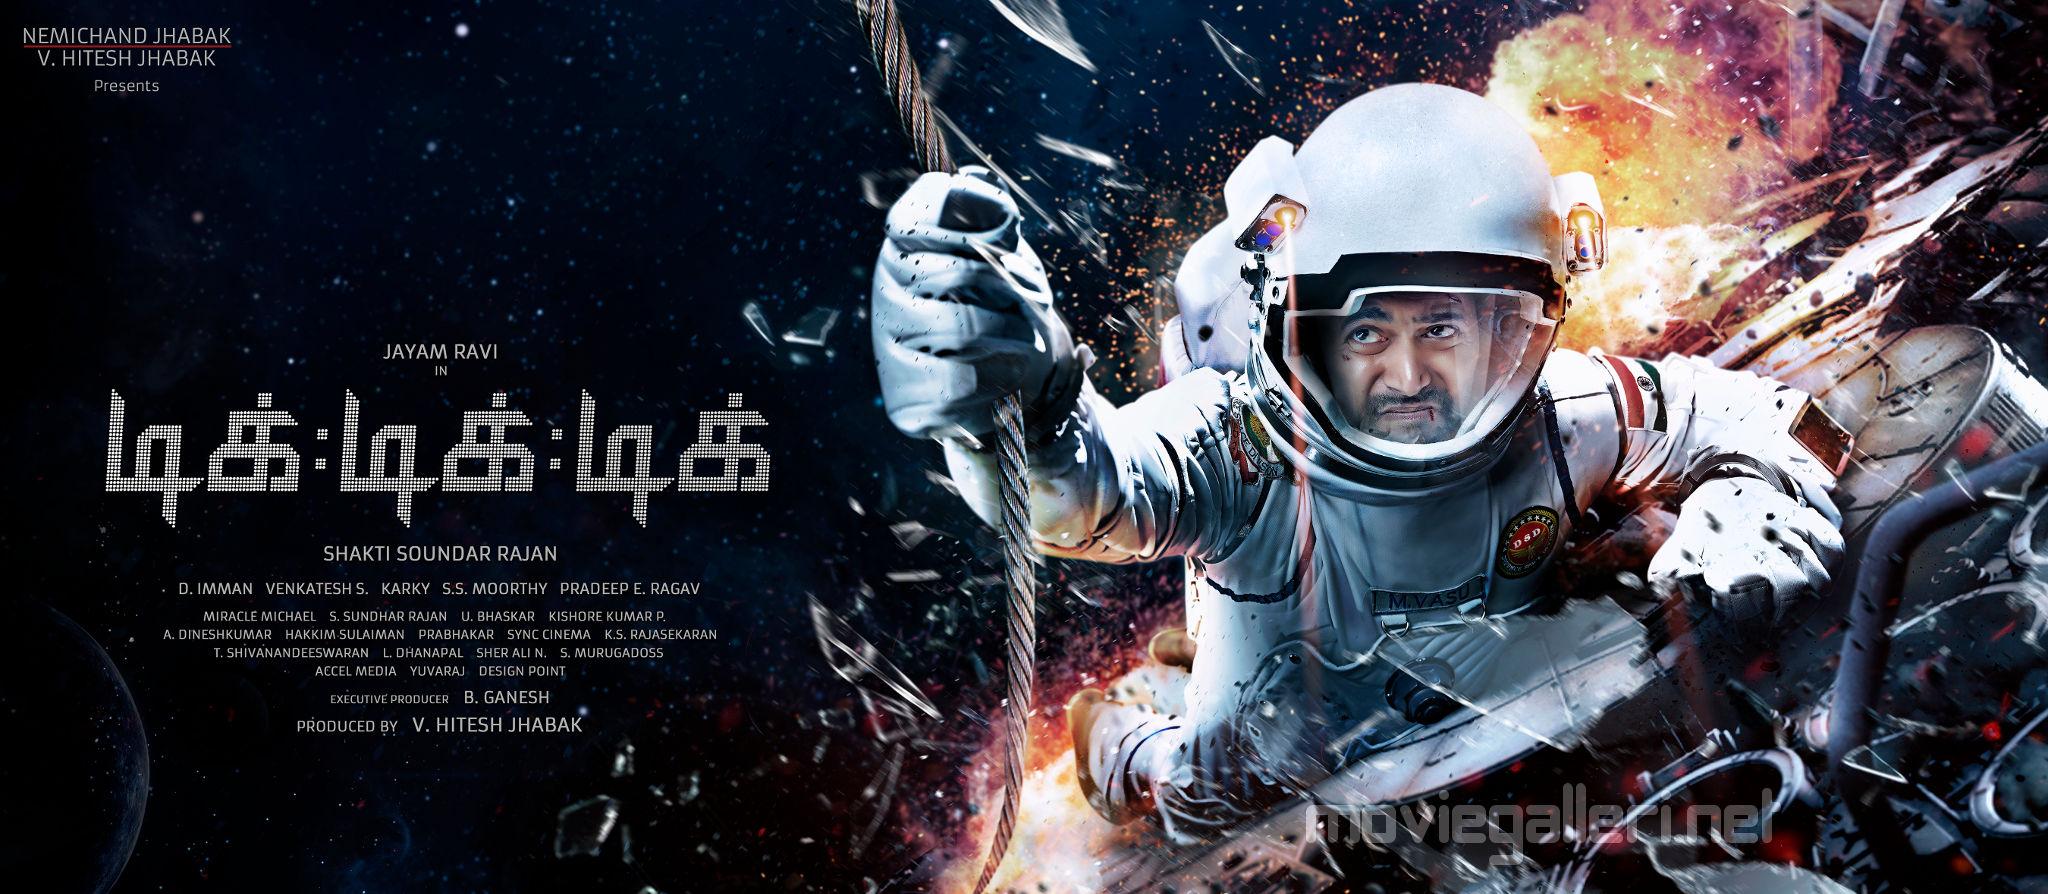 Jayam Ravi's Tik Tik Tik Movie First Look Wallpaper